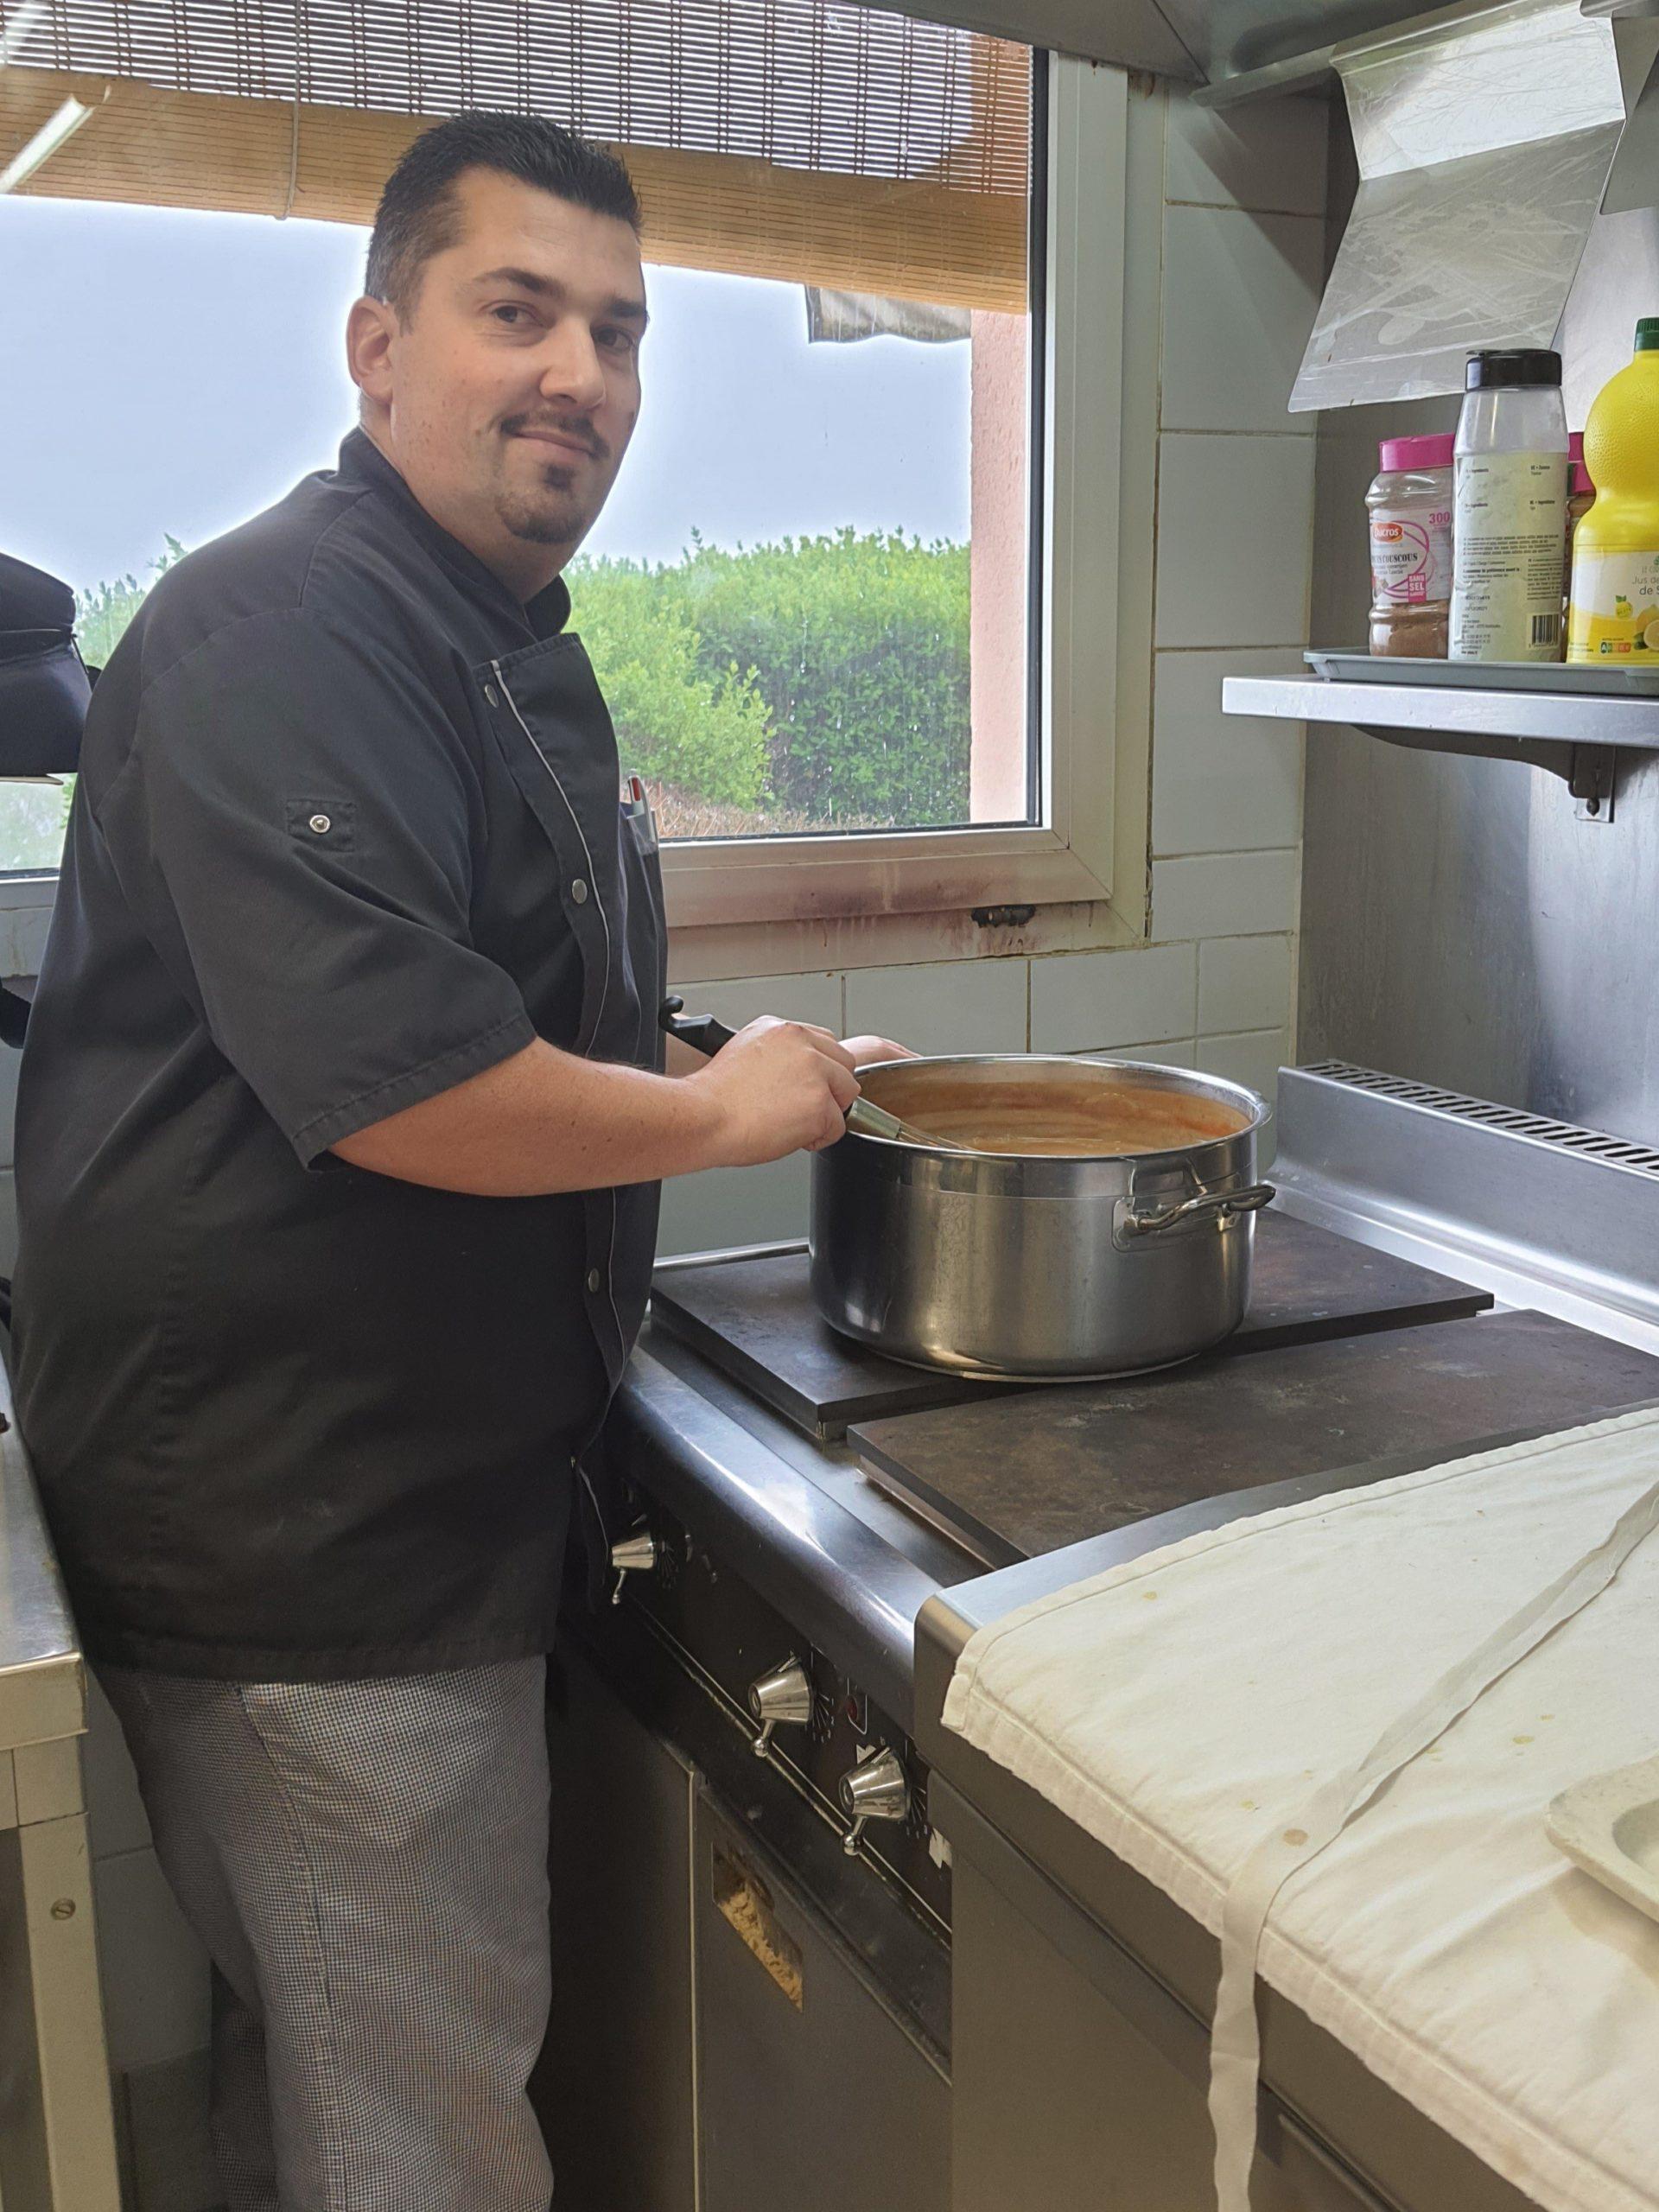 Olivier Chef cuisinier aux Jardins d'Iroise de Tosny